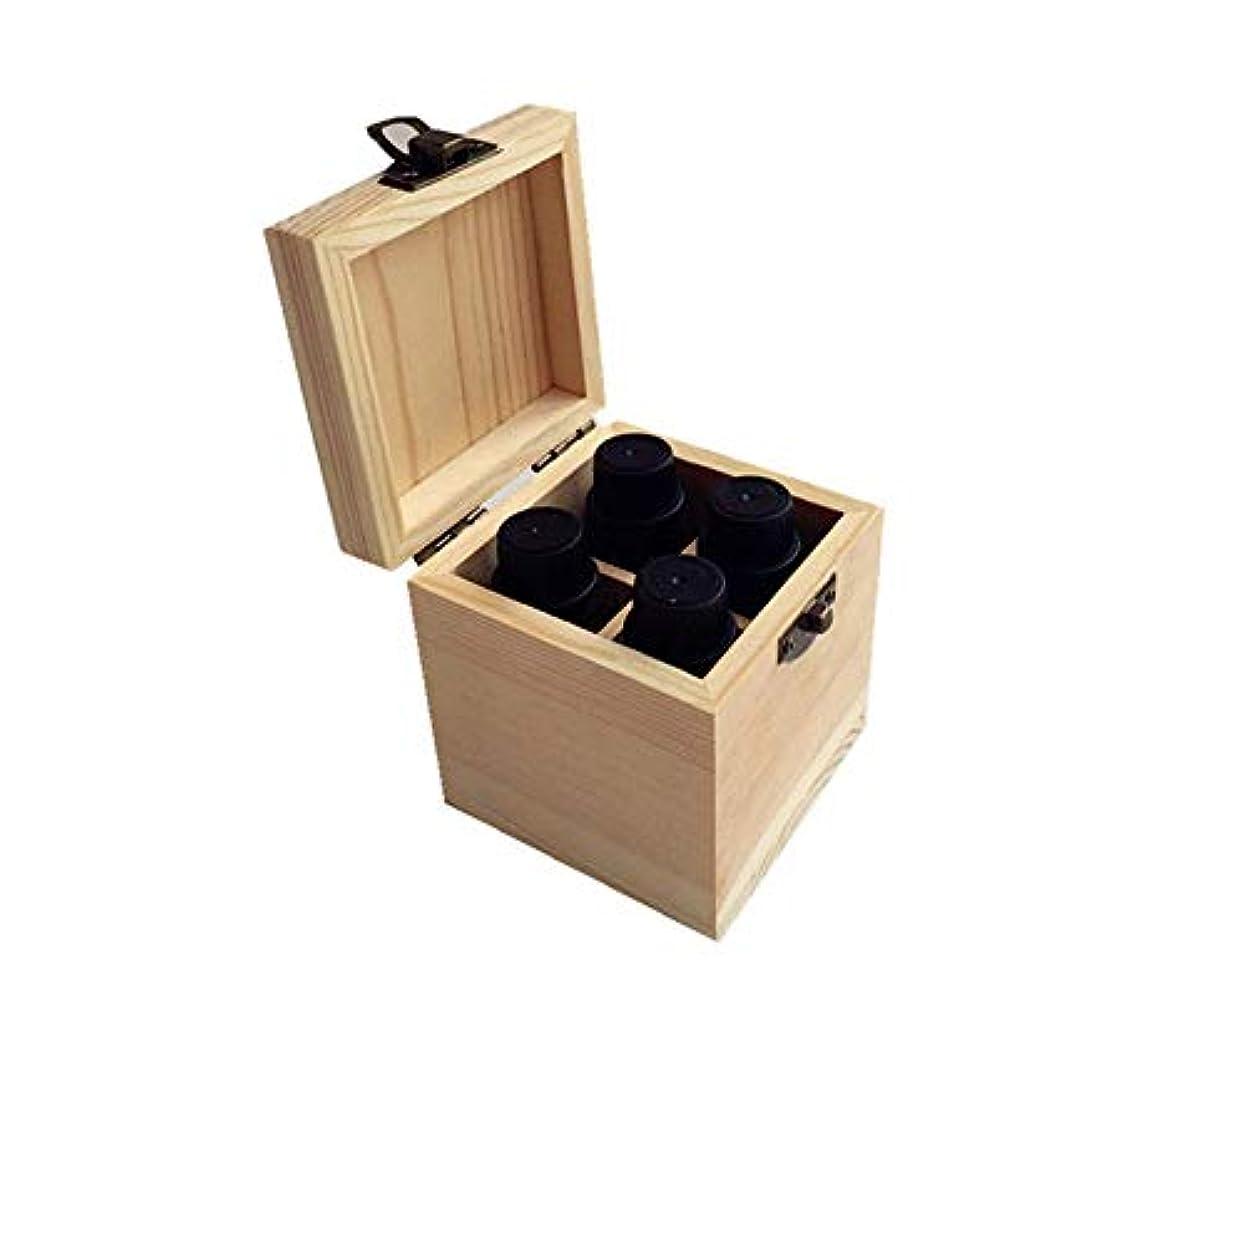 苦しめるサミット不透明なエッセンシャルオイルの保管 4スロットの品質の木製エッセンシャルオイルストレージボックス (色 : Natural, サイズ : 8X8X9CM)